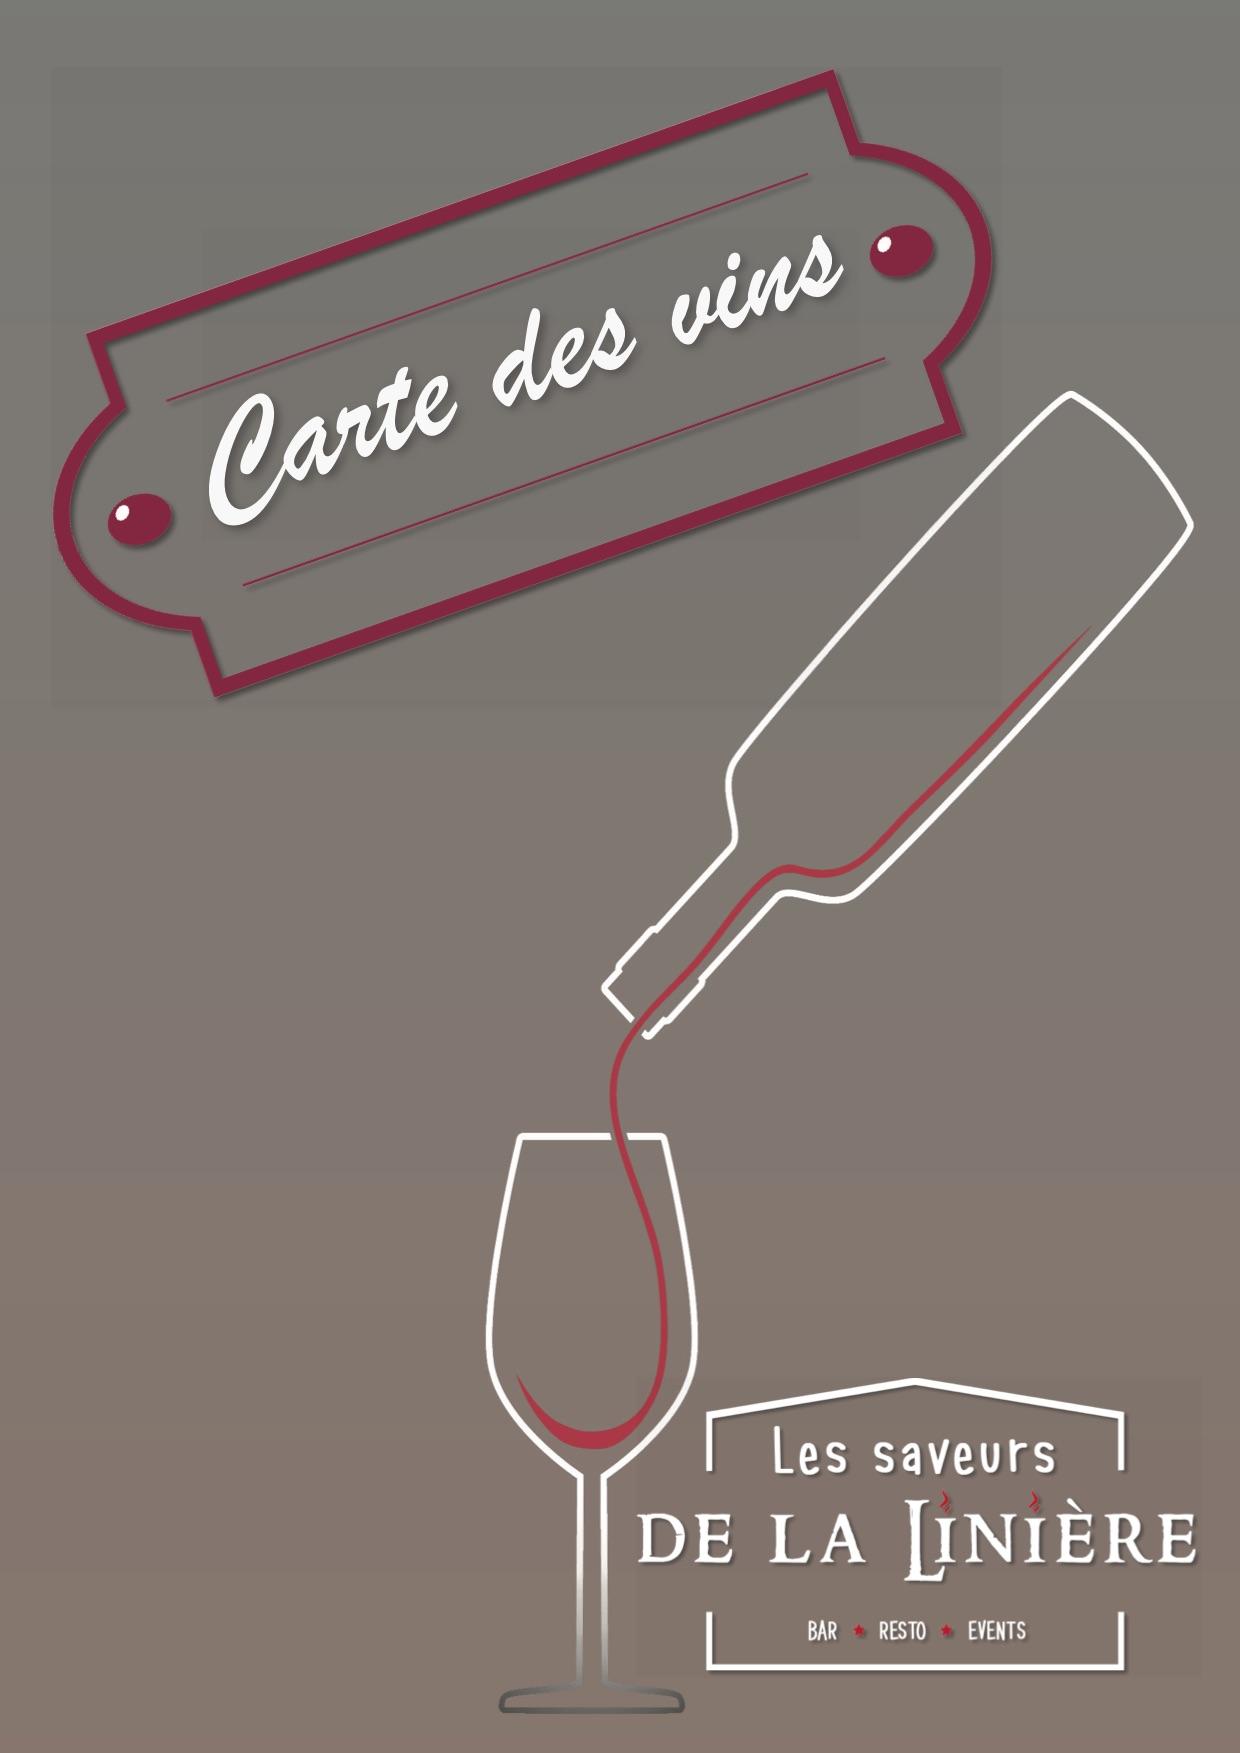 Saveurs de la Linière - vin